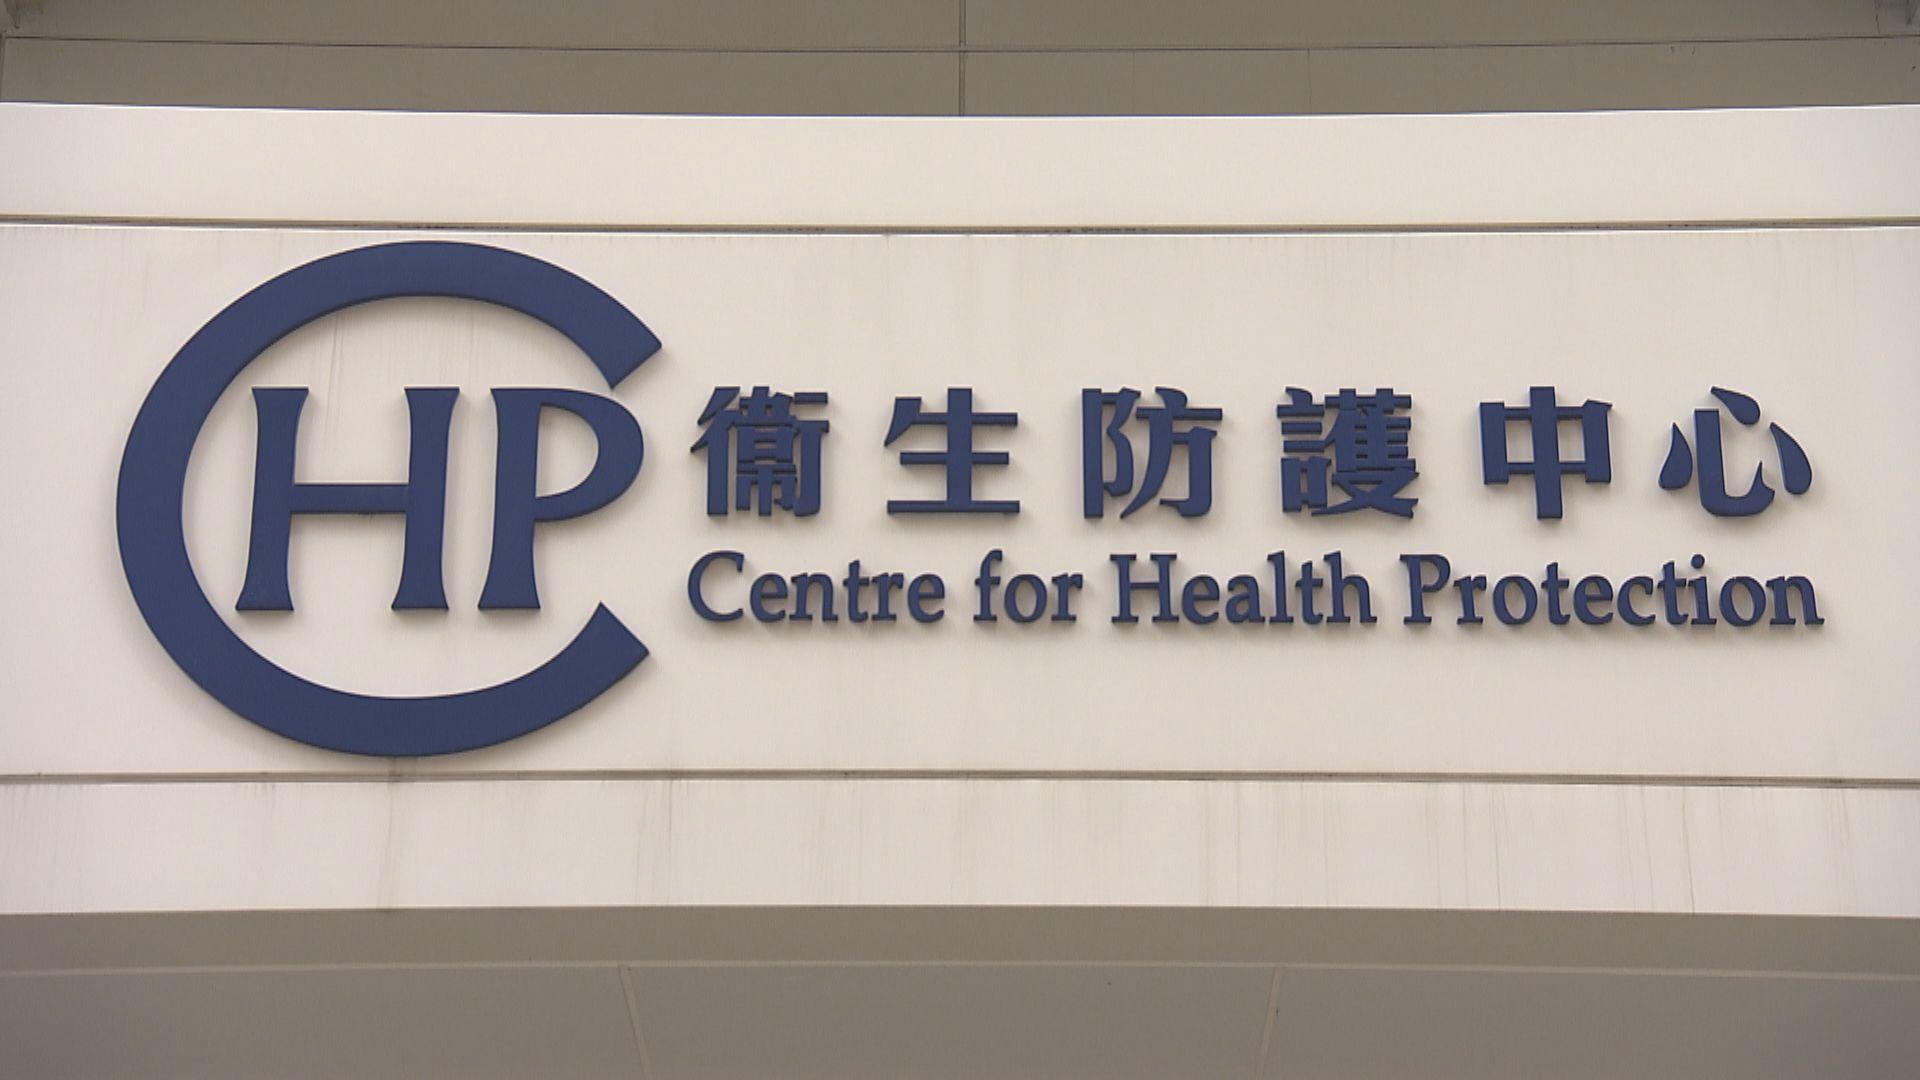 本港今日沒有新增新型冠狀病毒確診個案